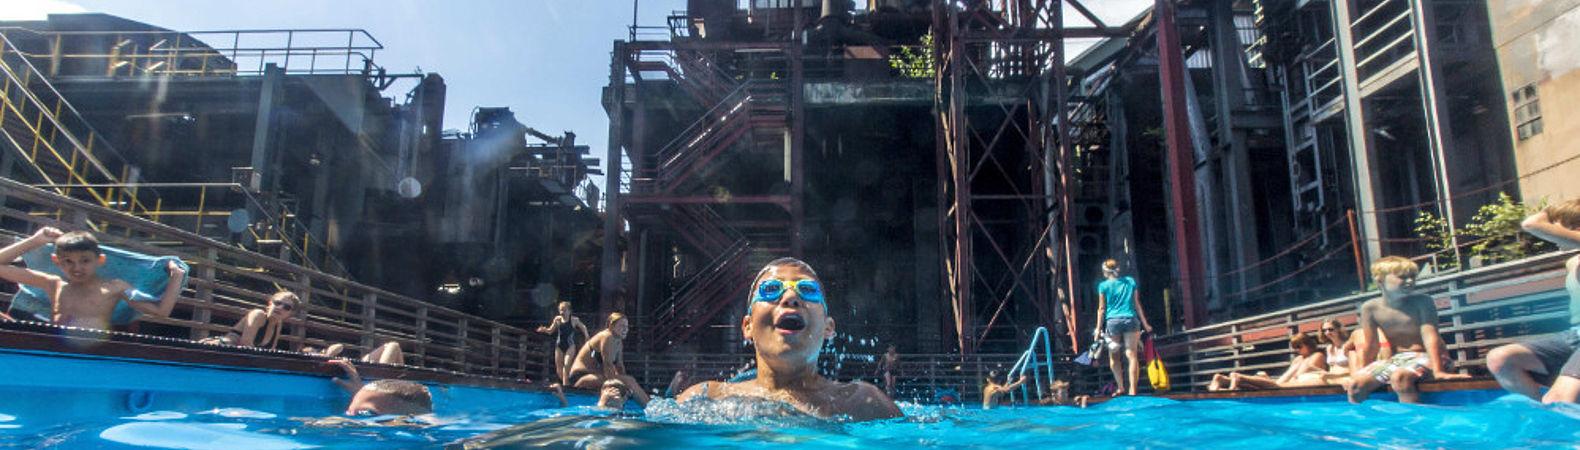 Werksschwimmbad auf dem UNESCO-Welterbe Zollverein in Essen, © Jochen Tack